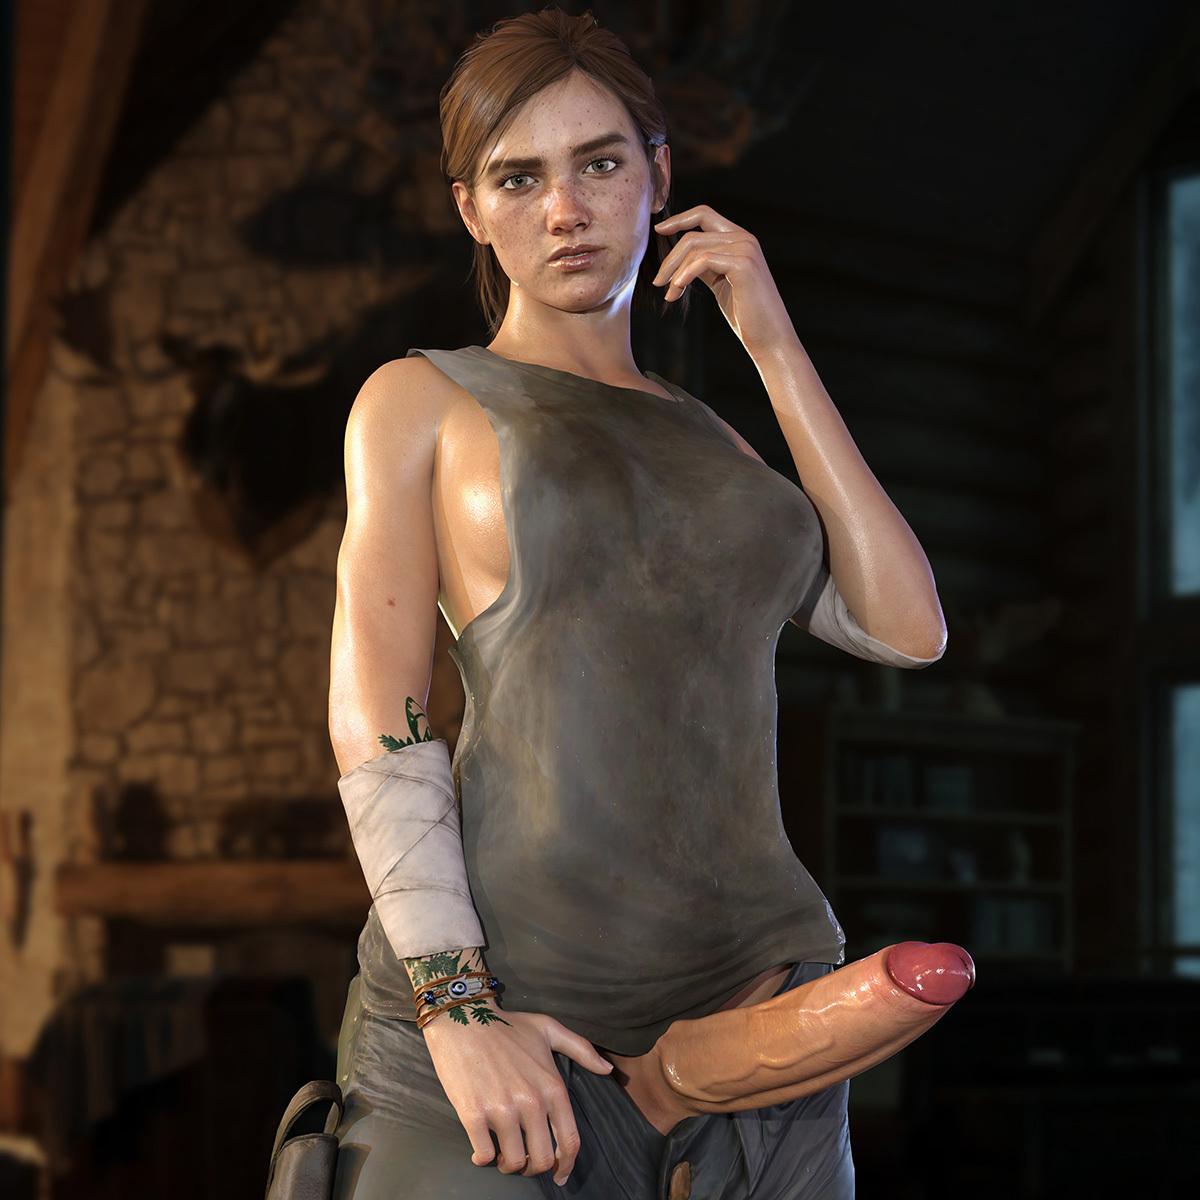 Ellie - The Last Of Us 2 (Futa)